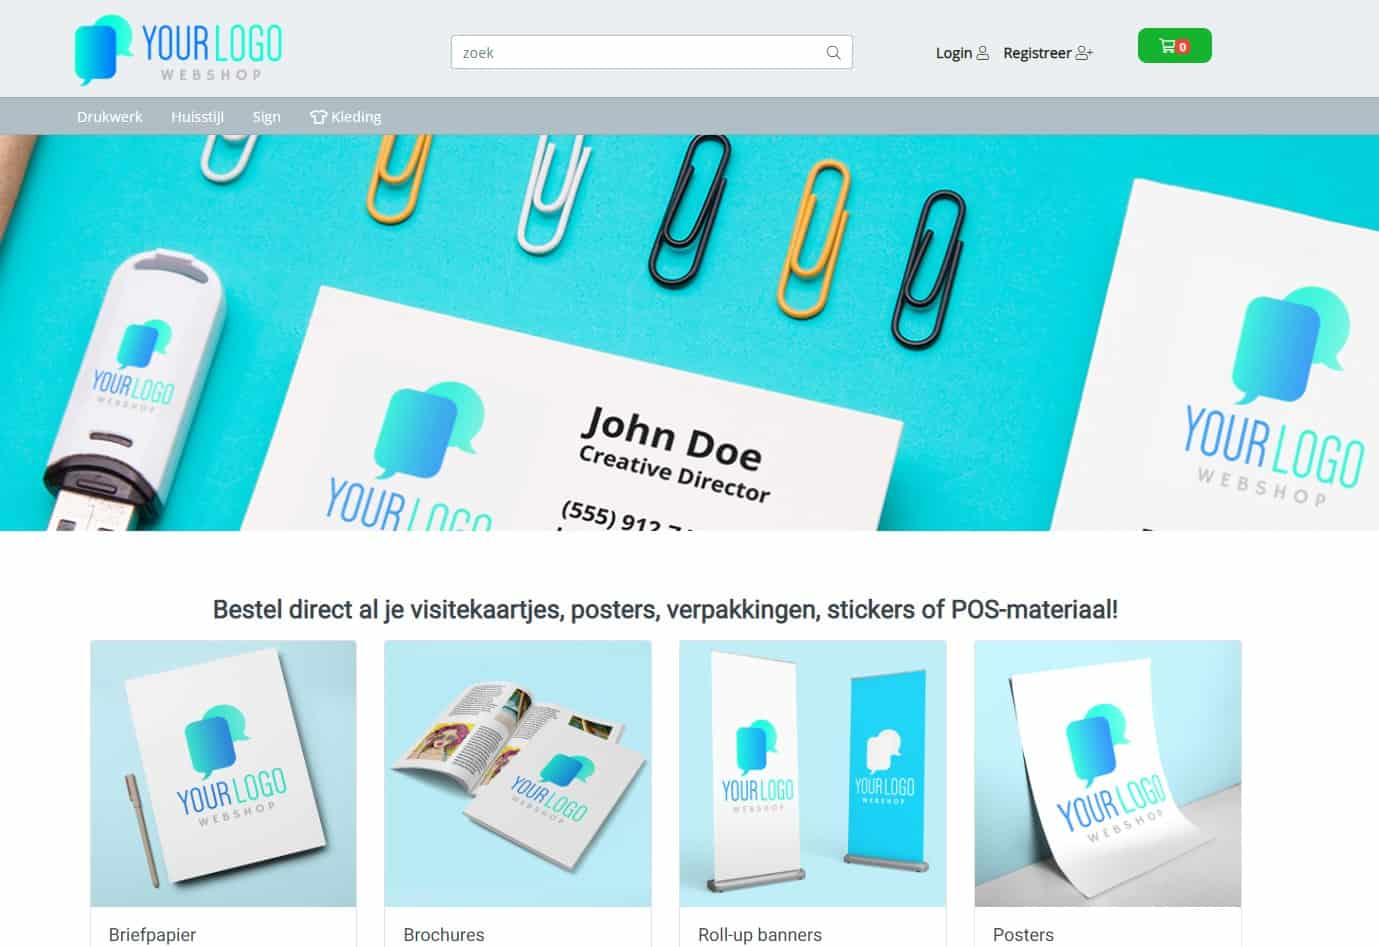 NL demo shop storefront webshop